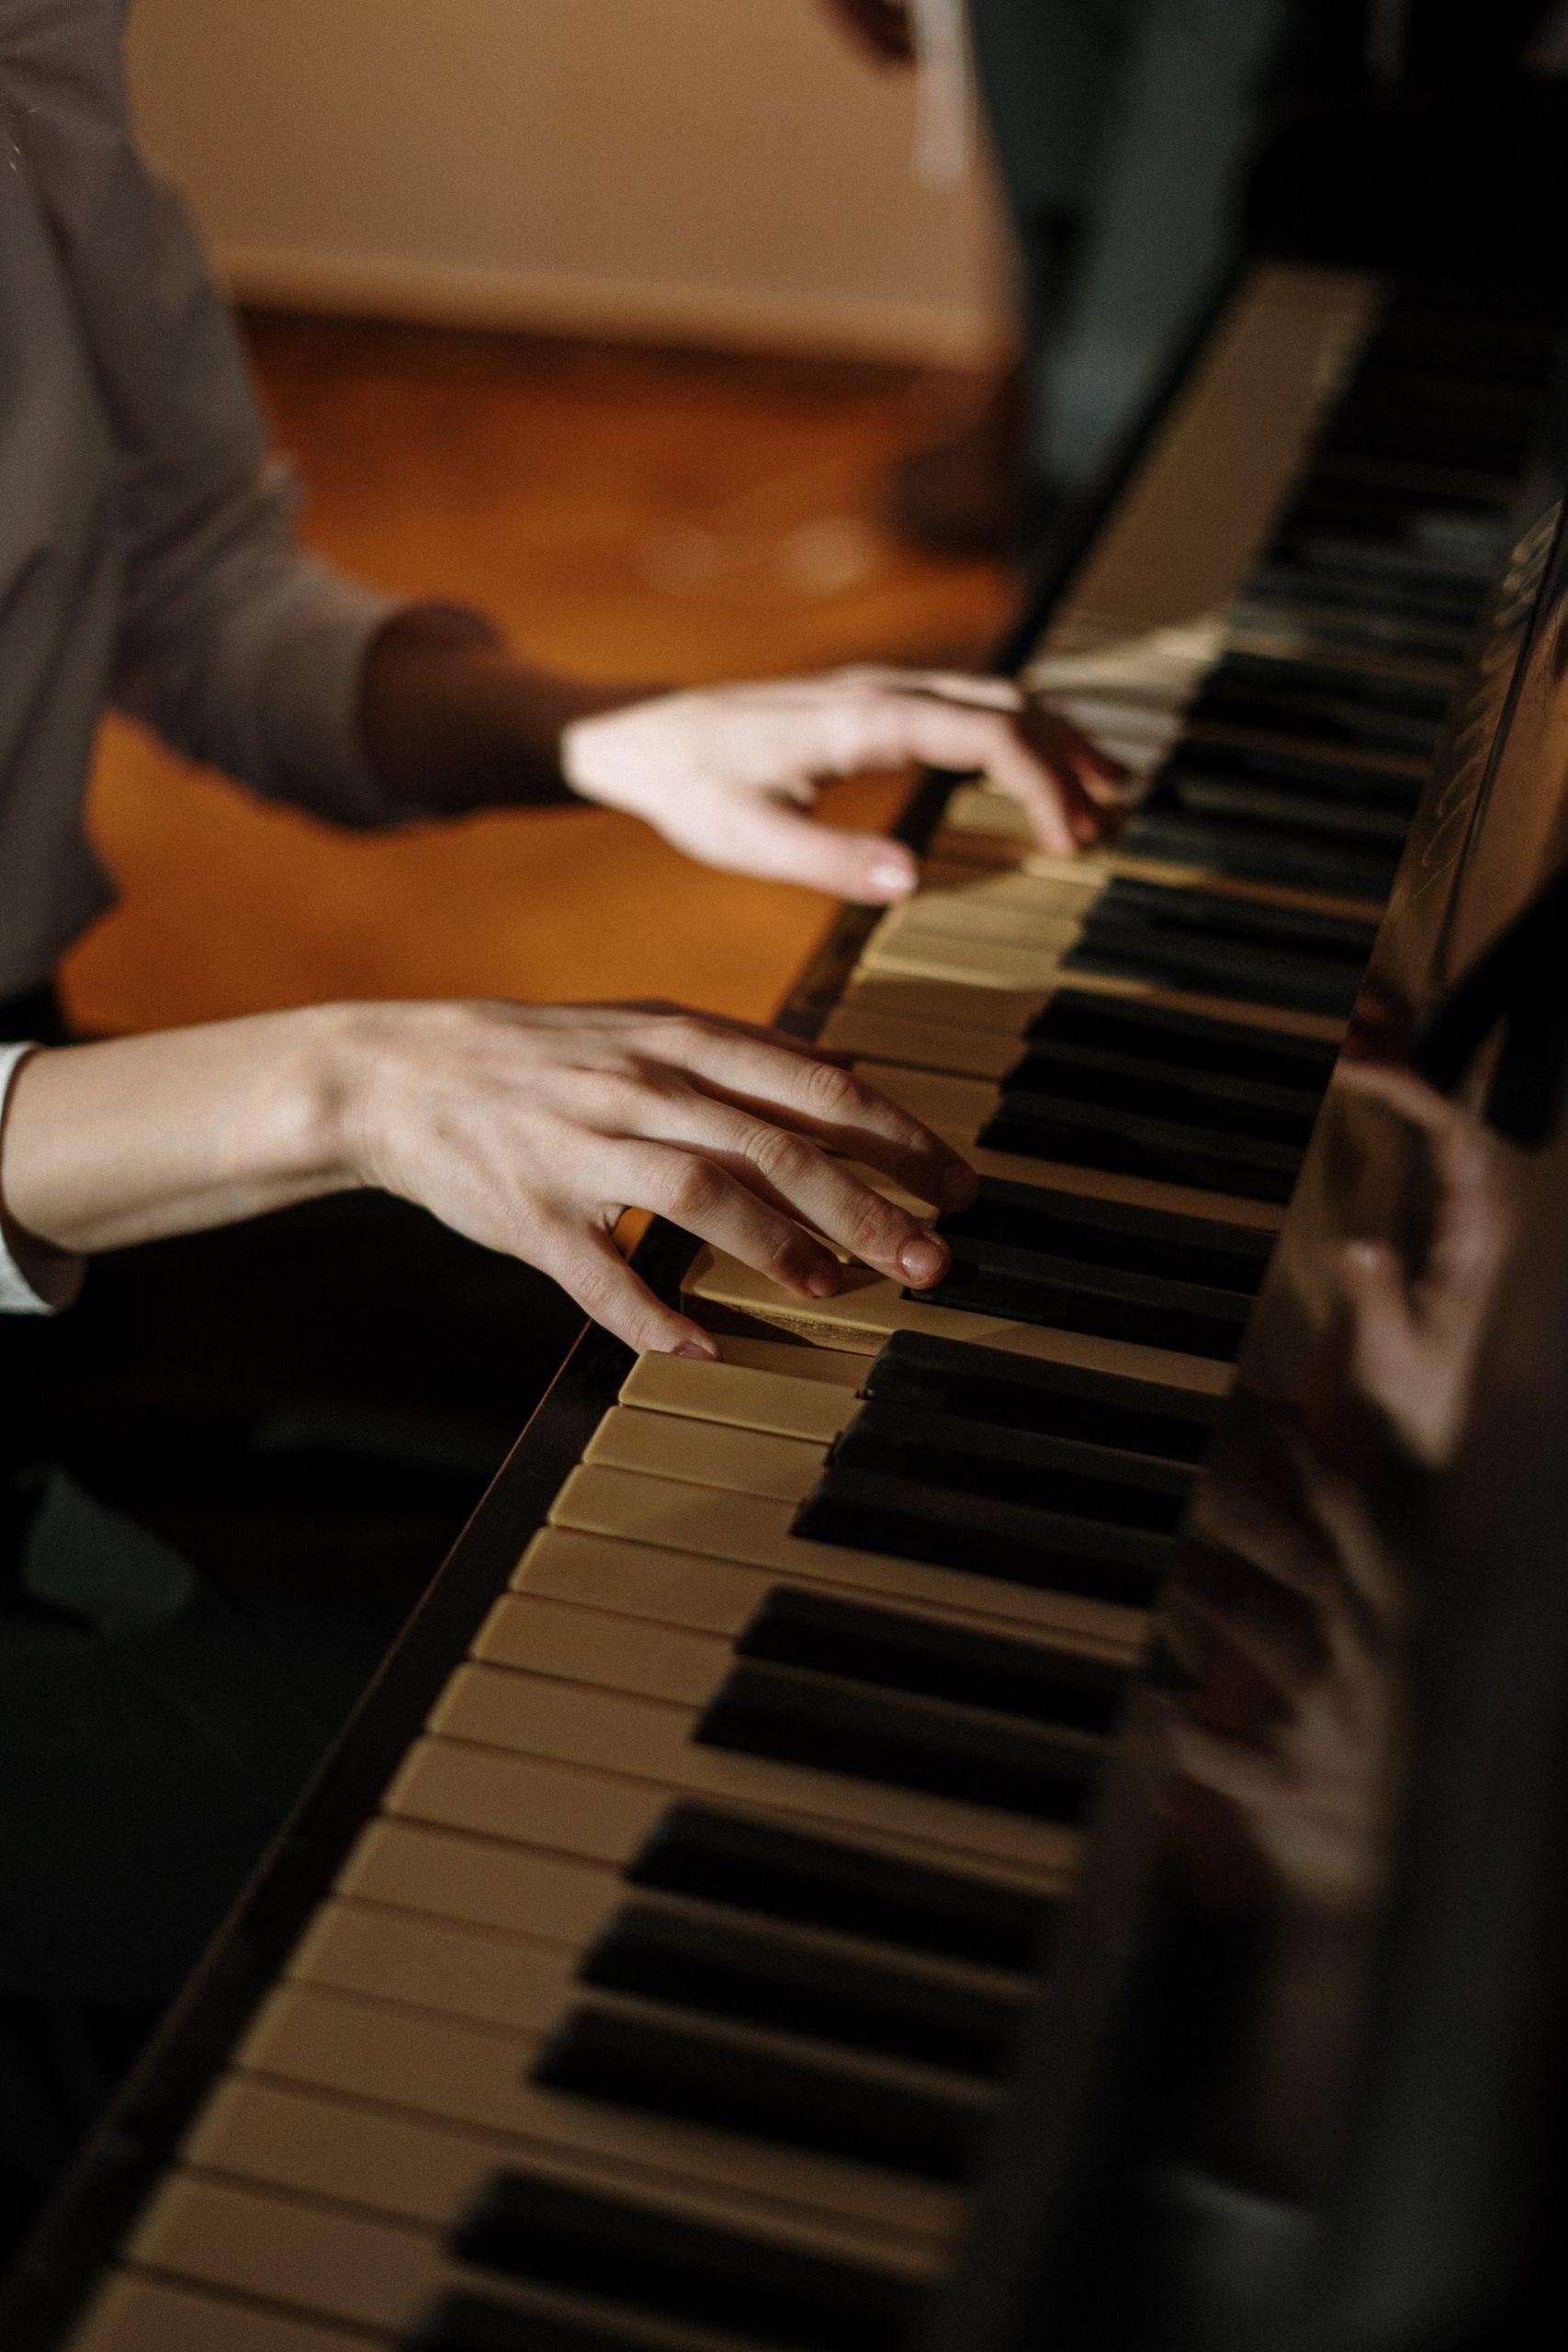 Pianobeweging — Een goede beweging is een goede klank!